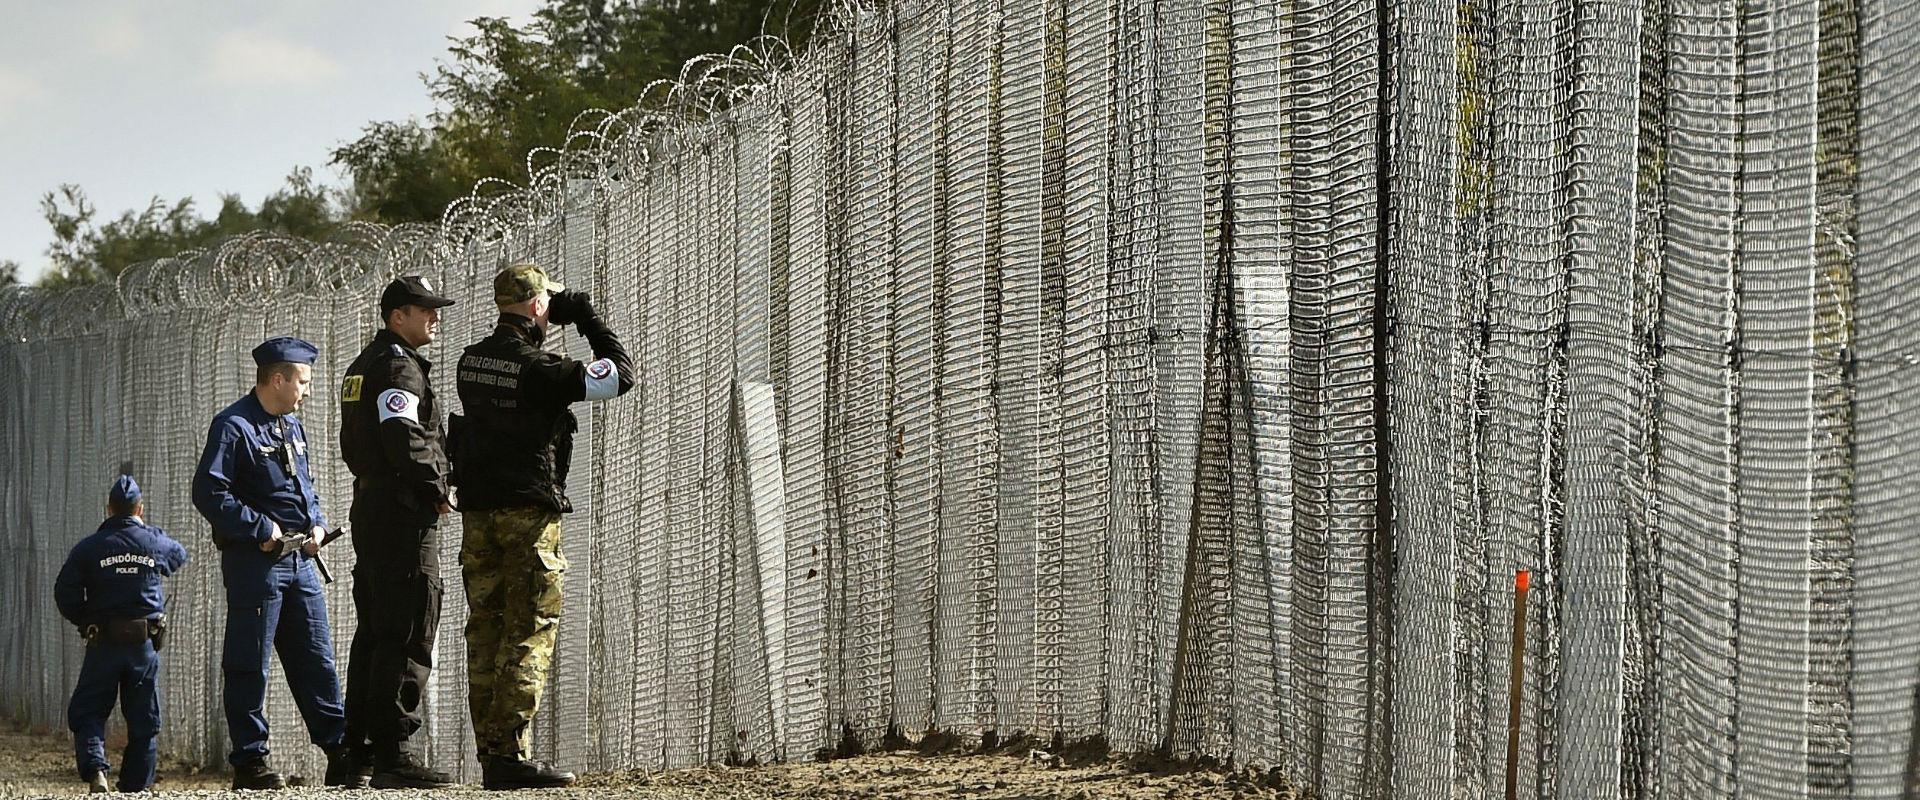 שוטרים בגבול הונגריה-סרביה